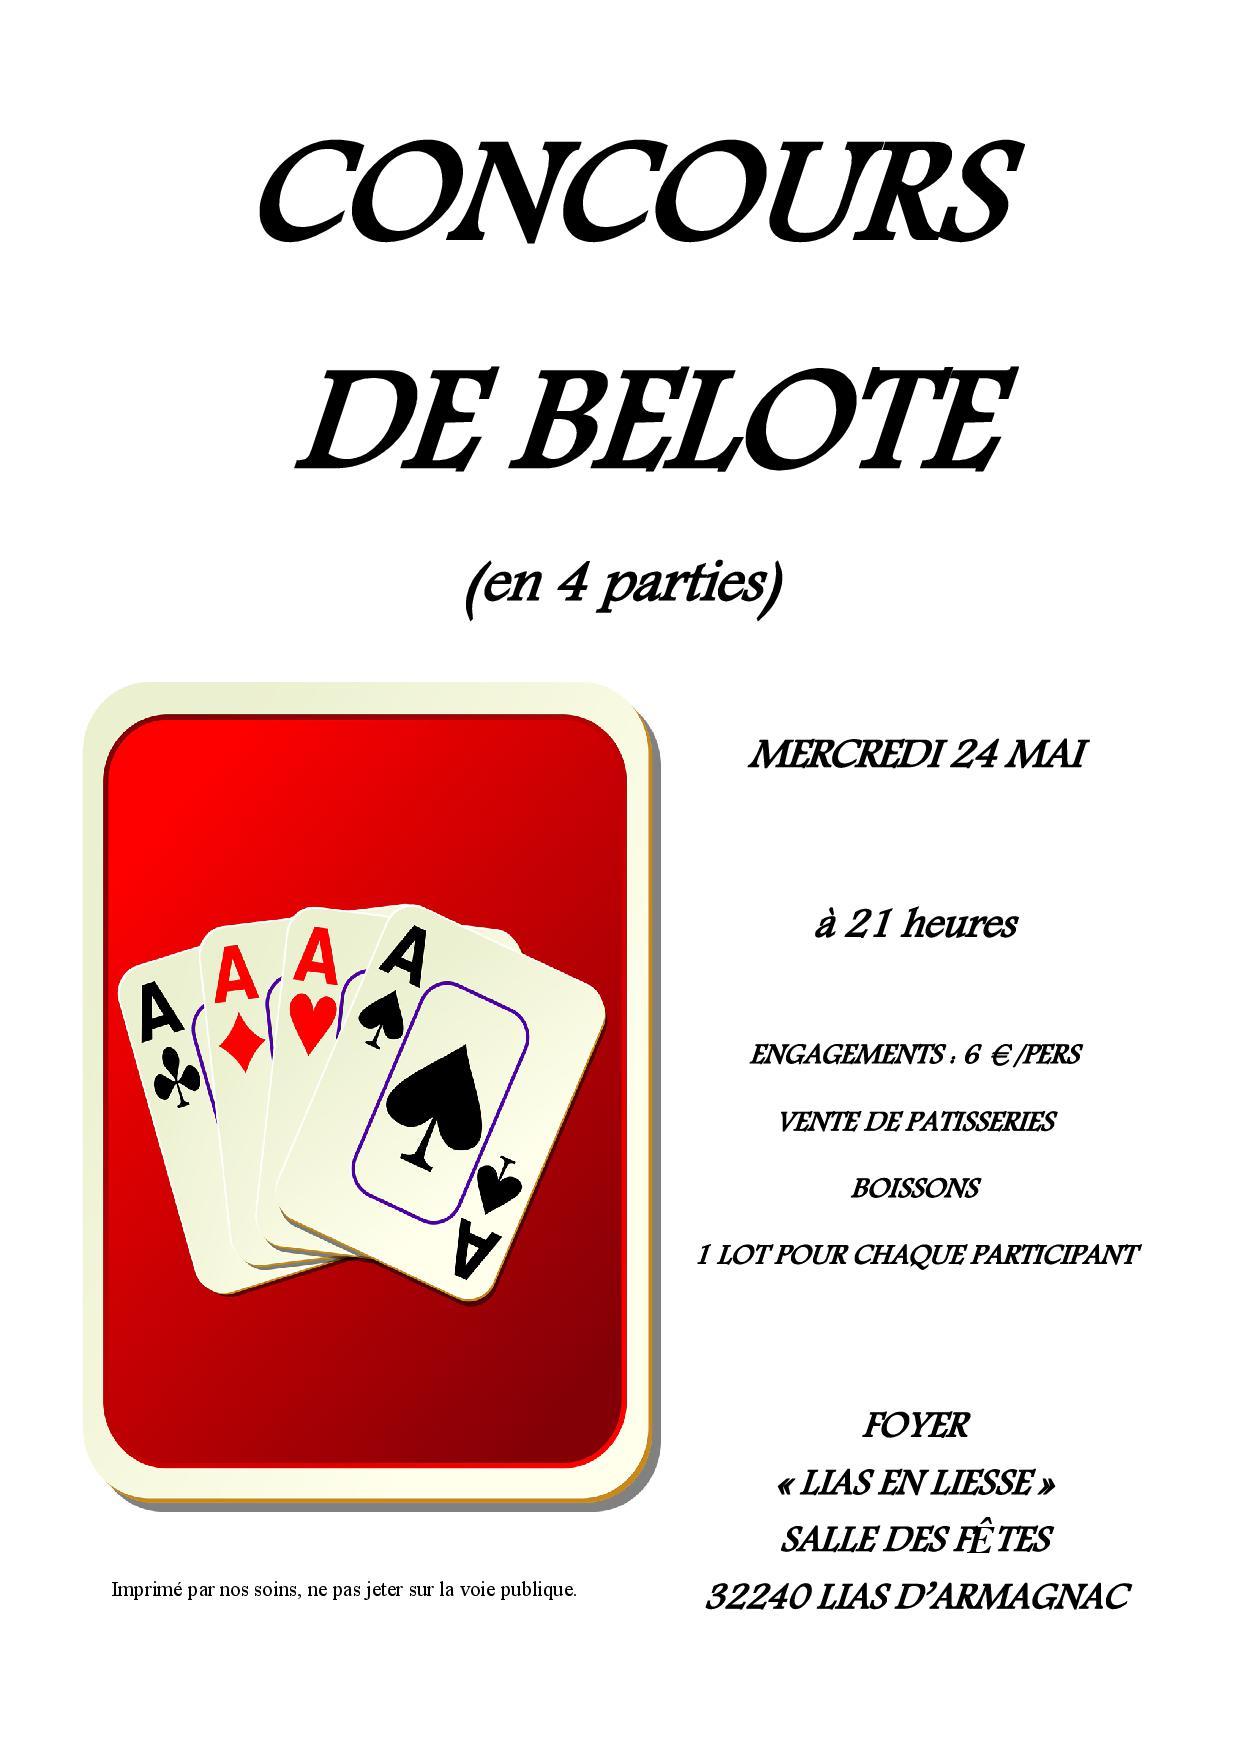 Concours de belote 2017